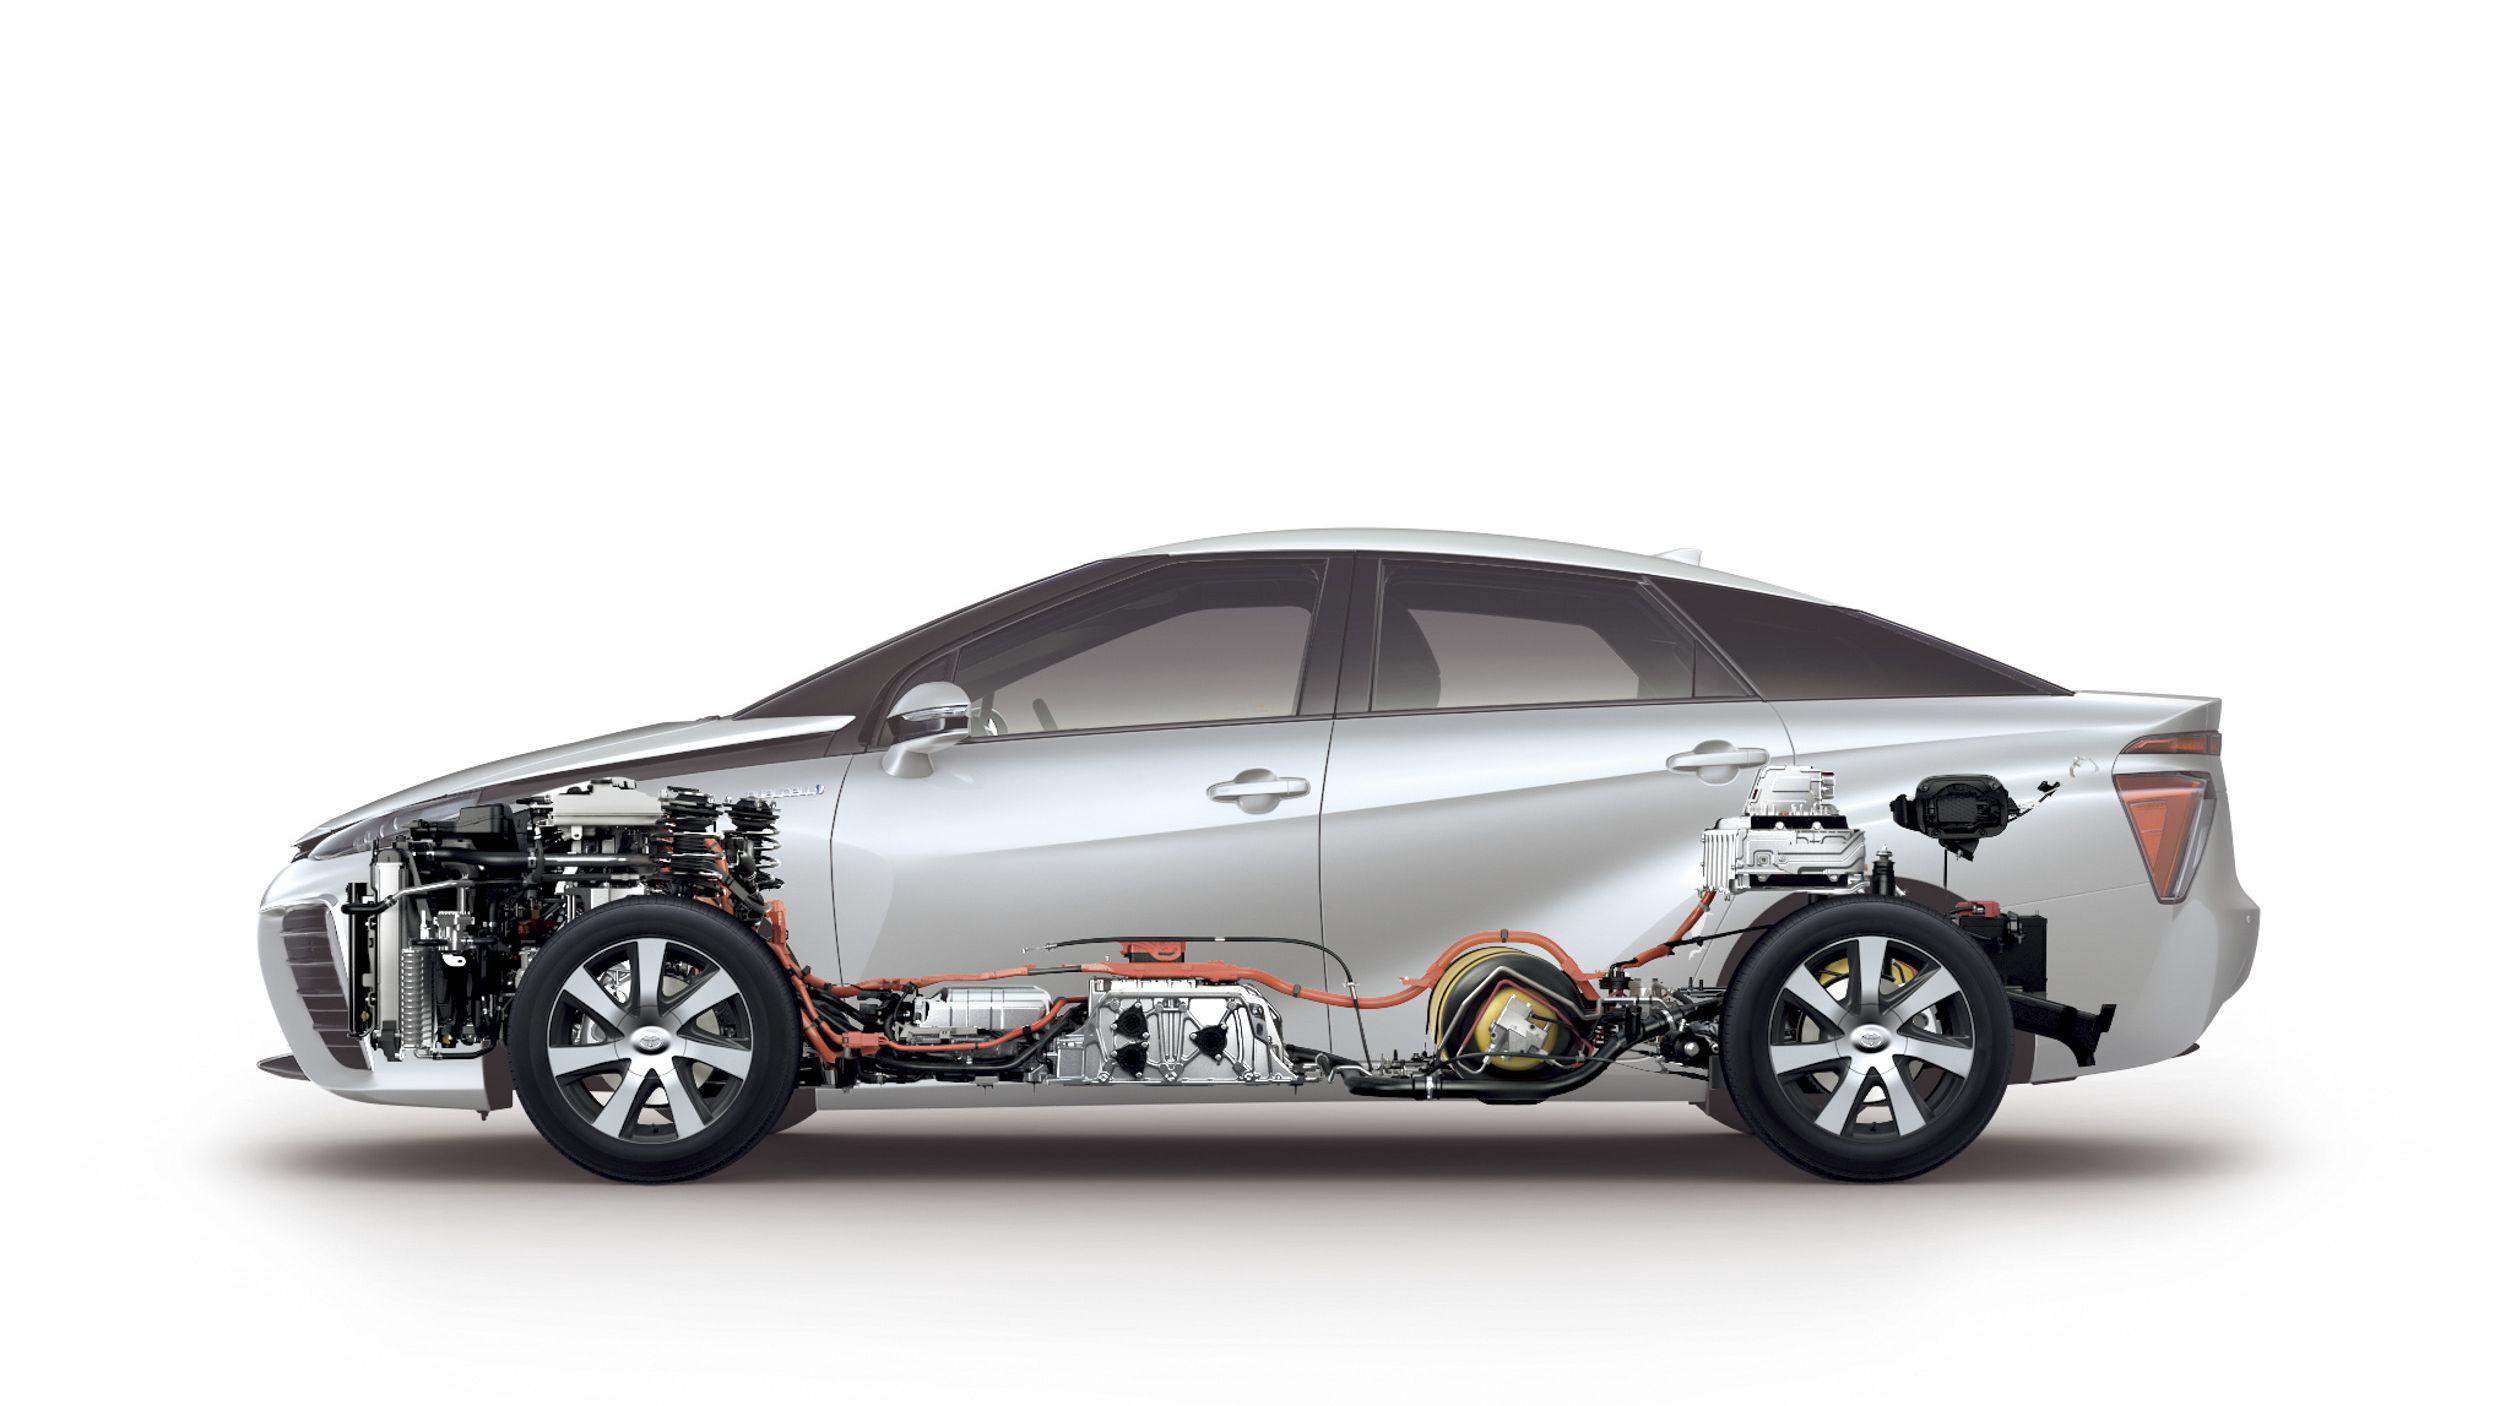 5 Dolog Amit Mindenkepp Tudnod Kell A Hidrogennel Autozasrol Autonavigator Hu